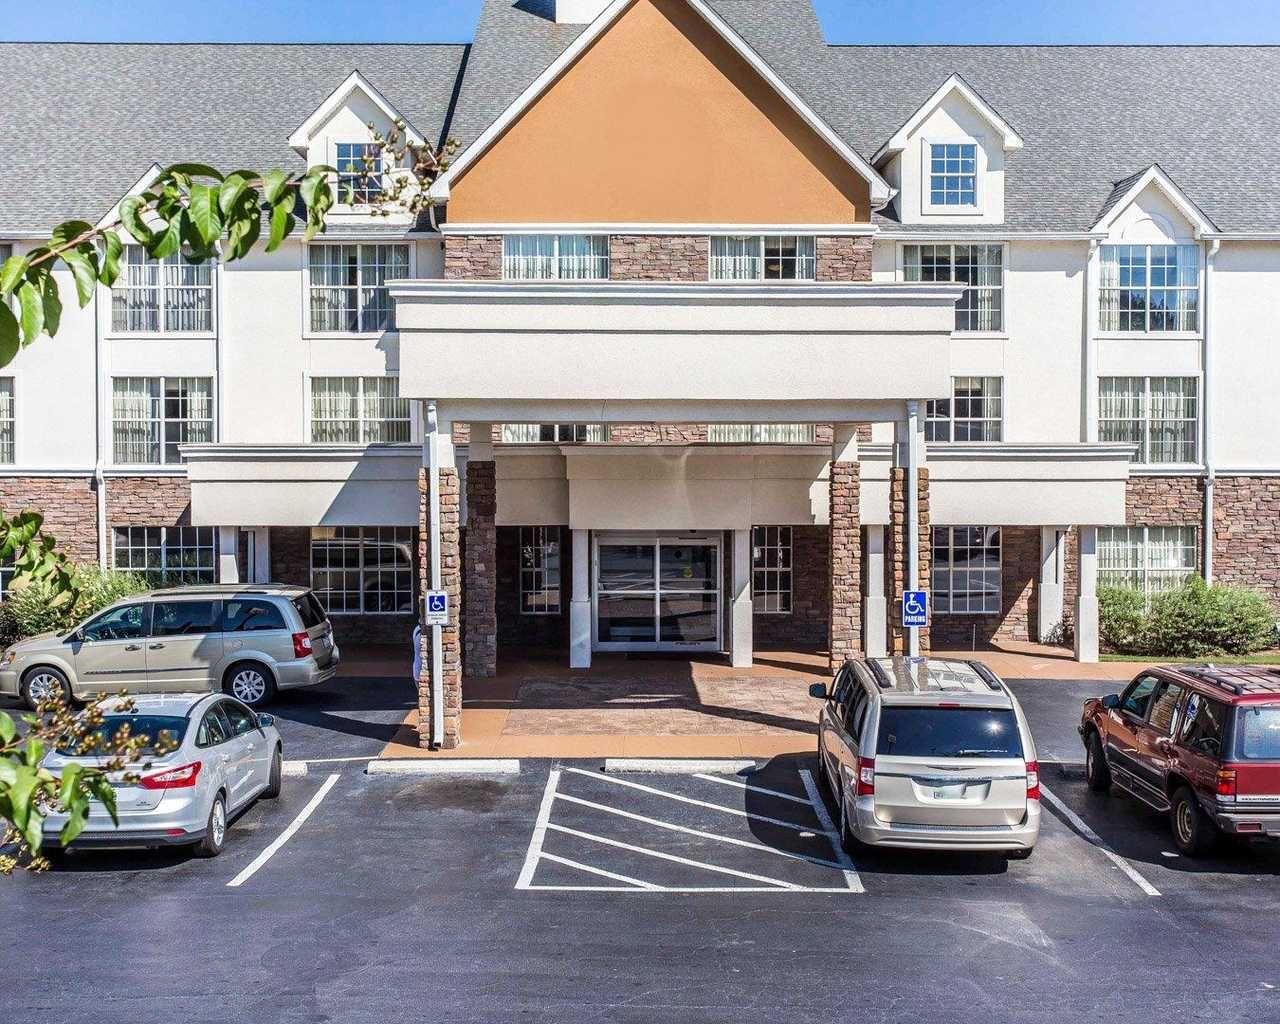 Reserve Https Www Comfortinnsuitesballparkarea Com Comfort Inn Suites Ballpark Are Comfort Inn And Suites Suites Vacation Hotel